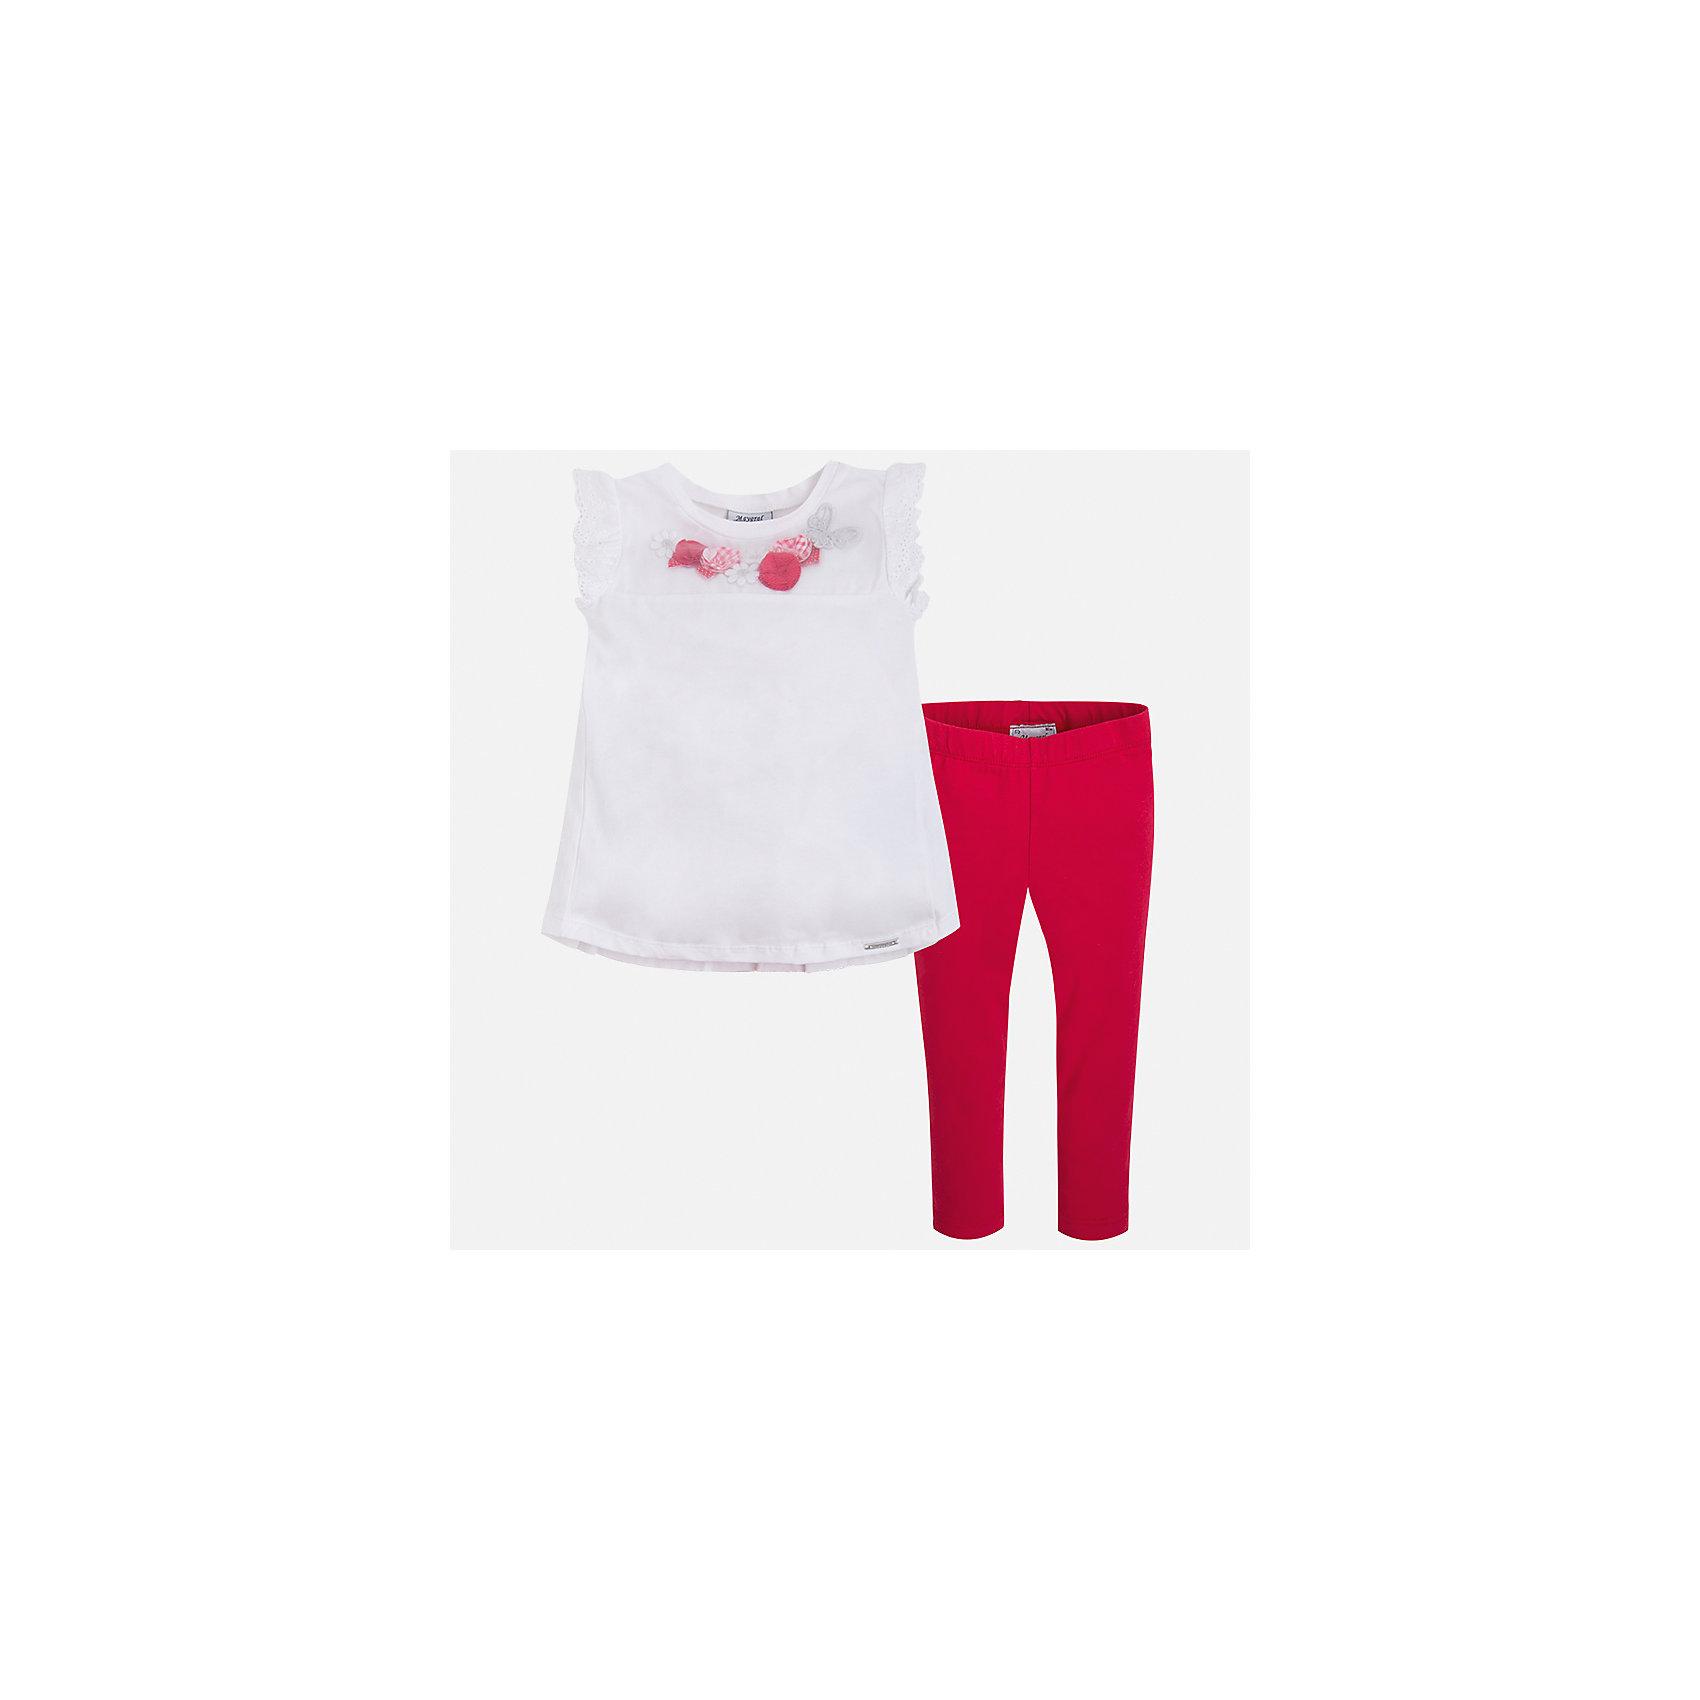 Комплект: футболка и леггинсы для девочки MayoralКомплекты<br>Характеристики товара:<br><br>• цвет: белый/красный<br>• состав: 95% хлопок, 5% эластан<br>• комплектация: футболка, леггинсы<br>• футболка декорирована принтом и оборками<br>• леггинсы однотонные<br>• пояс на резинке<br>• страна бренда: Испания<br><br>Красивый качественный комплект для девочки поможет разнообразить гардероб ребенка и удобно одеться в теплую погоду. Он отлично сочетается с другими предметами. Универсальный цвет позволяет подобрать к вещам верхнюю одежду практически любой расцветки. Интересная отделка модели делает её нарядной и оригинальной. В составе материала - натуральный хлопок, гипоаллергенный, приятный на ощупь, дышащий.<br><br>Одежда, обувь и аксессуары от испанского бренда Mayoral полюбились детям и взрослым по всему миру. Модели этой марки - стильные и удобные. Для их производства используются только безопасные, качественные материалы и фурнитура. Порадуйте ребенка модными и красивыми вещами от Mayoral! <br><br>Комплект для девочки от испанского бренда Mayoral (Майорал) можно купить в нашем интернет-магазине.<br><br>Ширина мм: 123<br>Глубина мм: 10<br>Высота мм: 149<br>Вес г: 209<br>Цвет: красный<br>Возраст от месяцев: 96<br>Возраст до месяцев: 108<br>Пол: Женский<br>Возраст: Детский<br>Размер: 134,122,92,98,104,110,116,128<br>SKU: 5290559